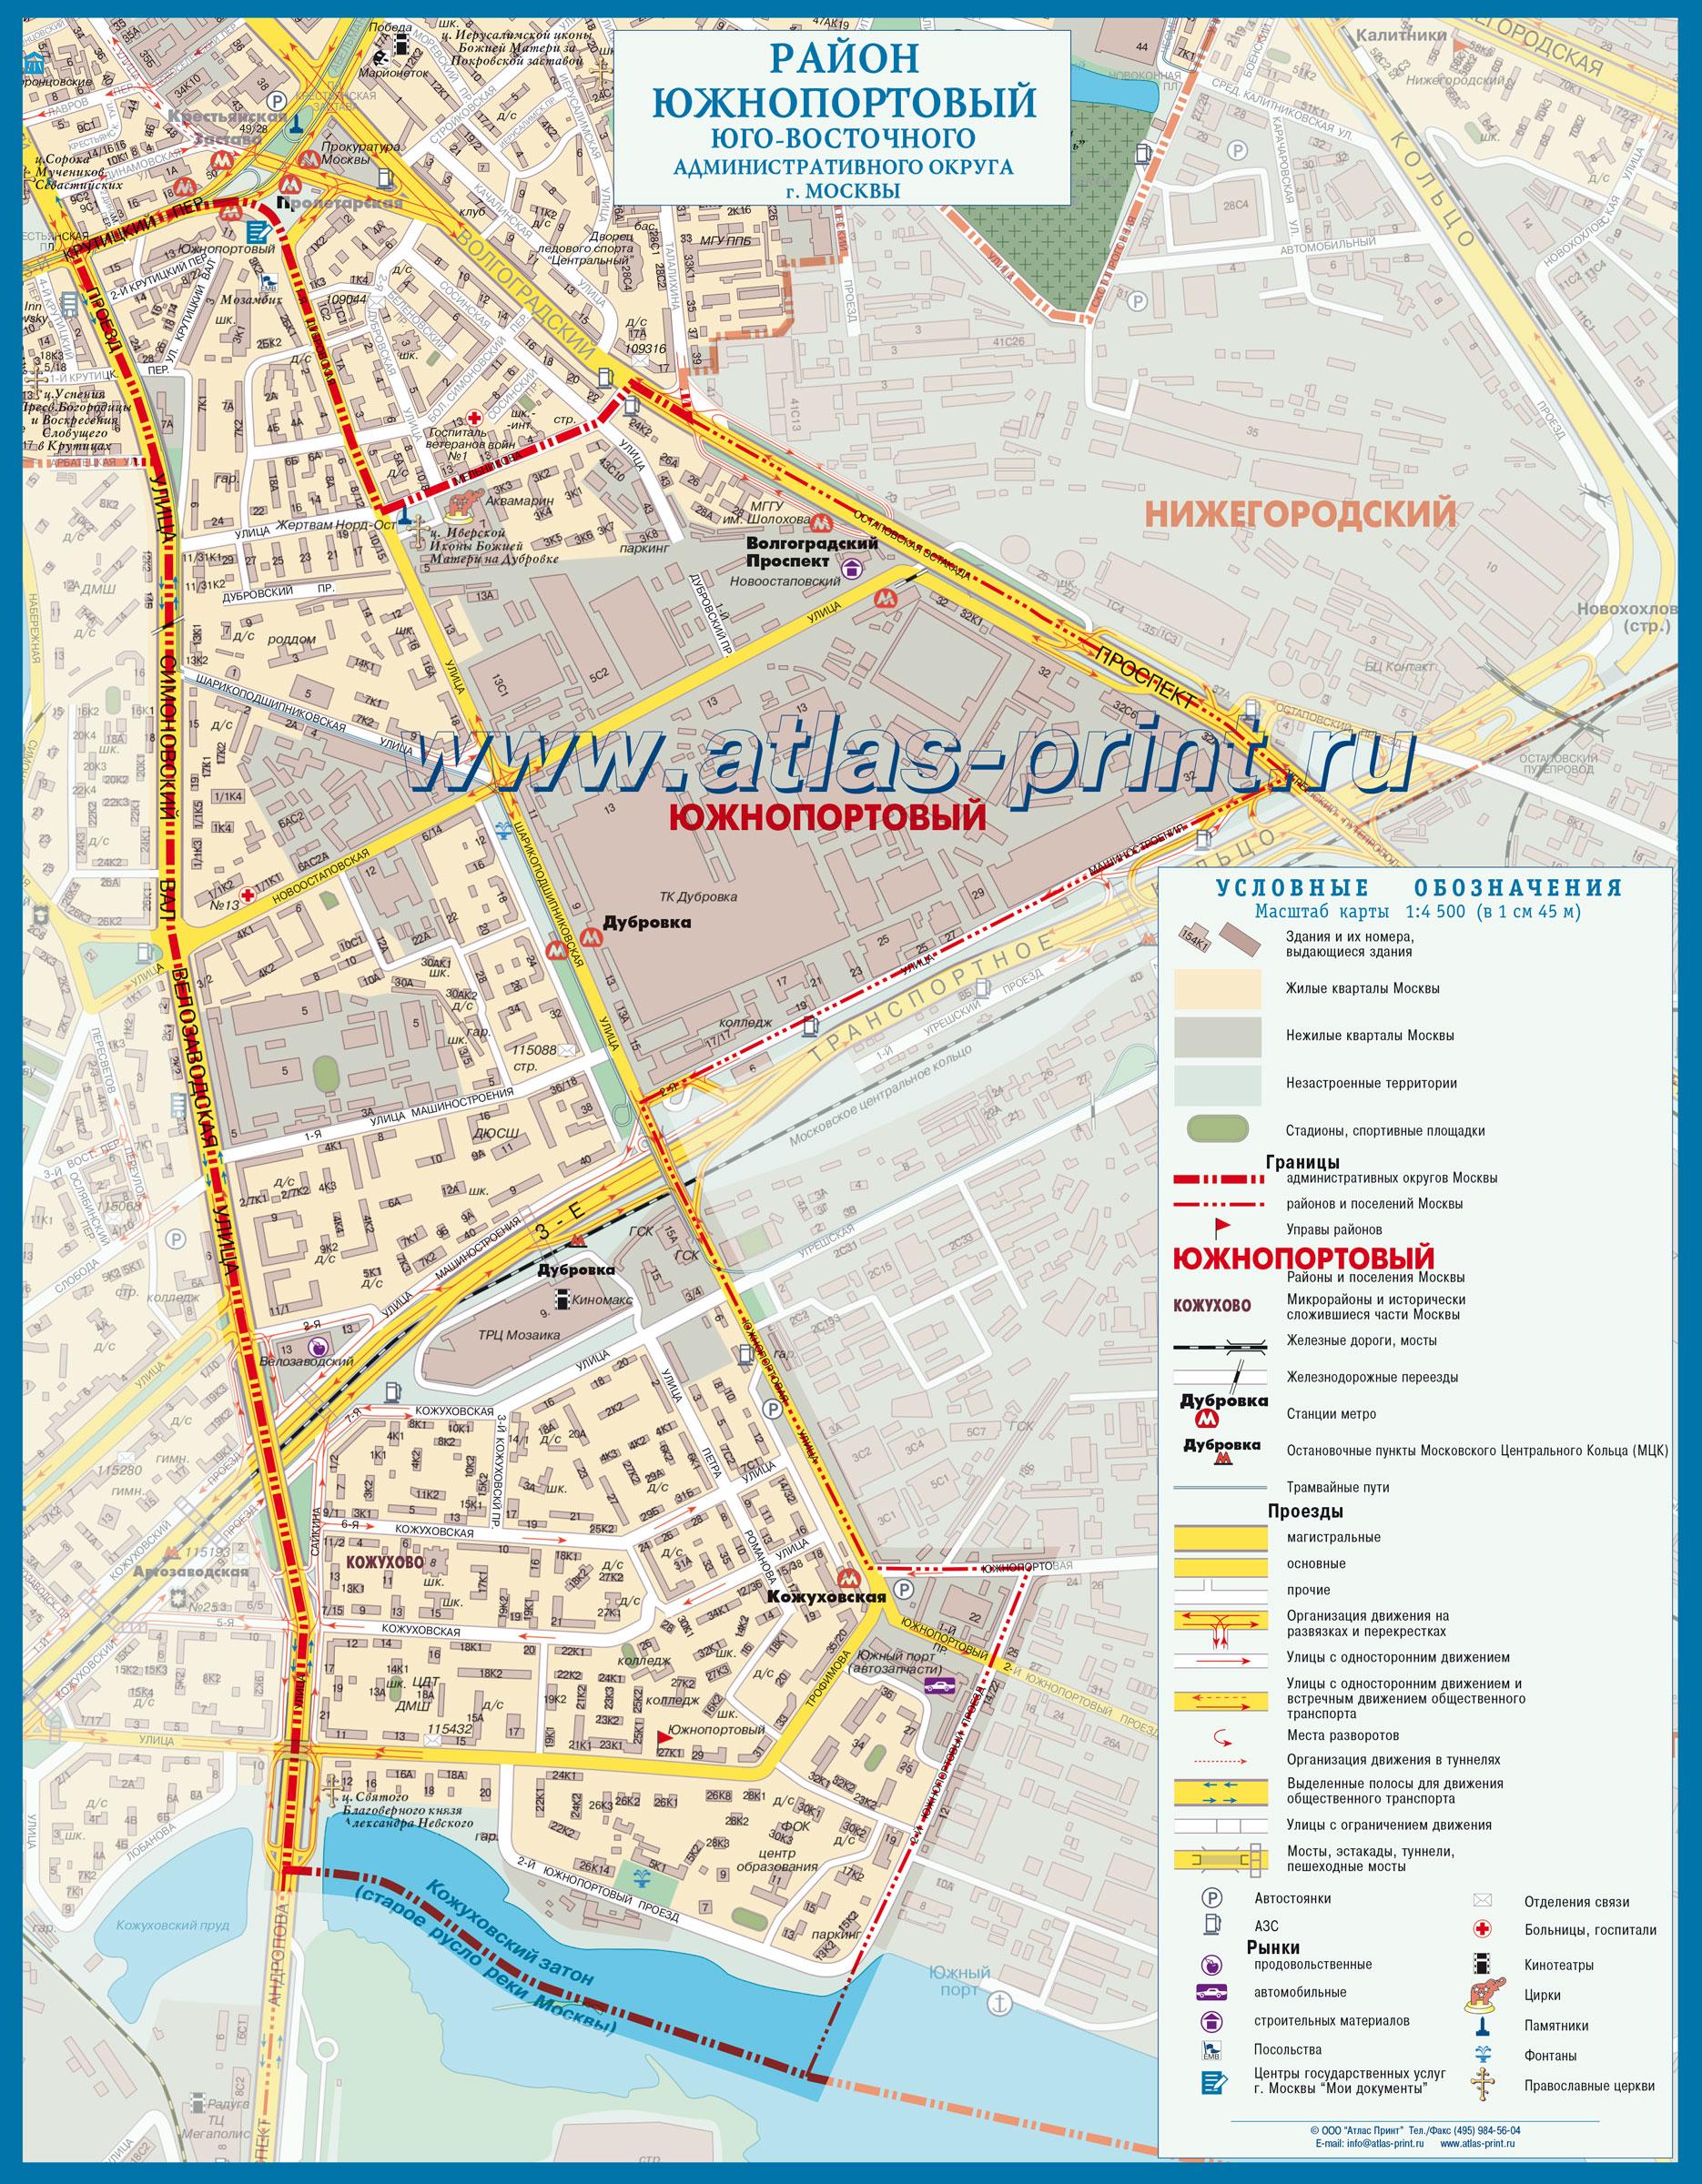 Настенная карта района ЮЖНОПОРТОВЫЙ (ЮВАО)  г. Москвы 0,78*1,00 м, ламинированная